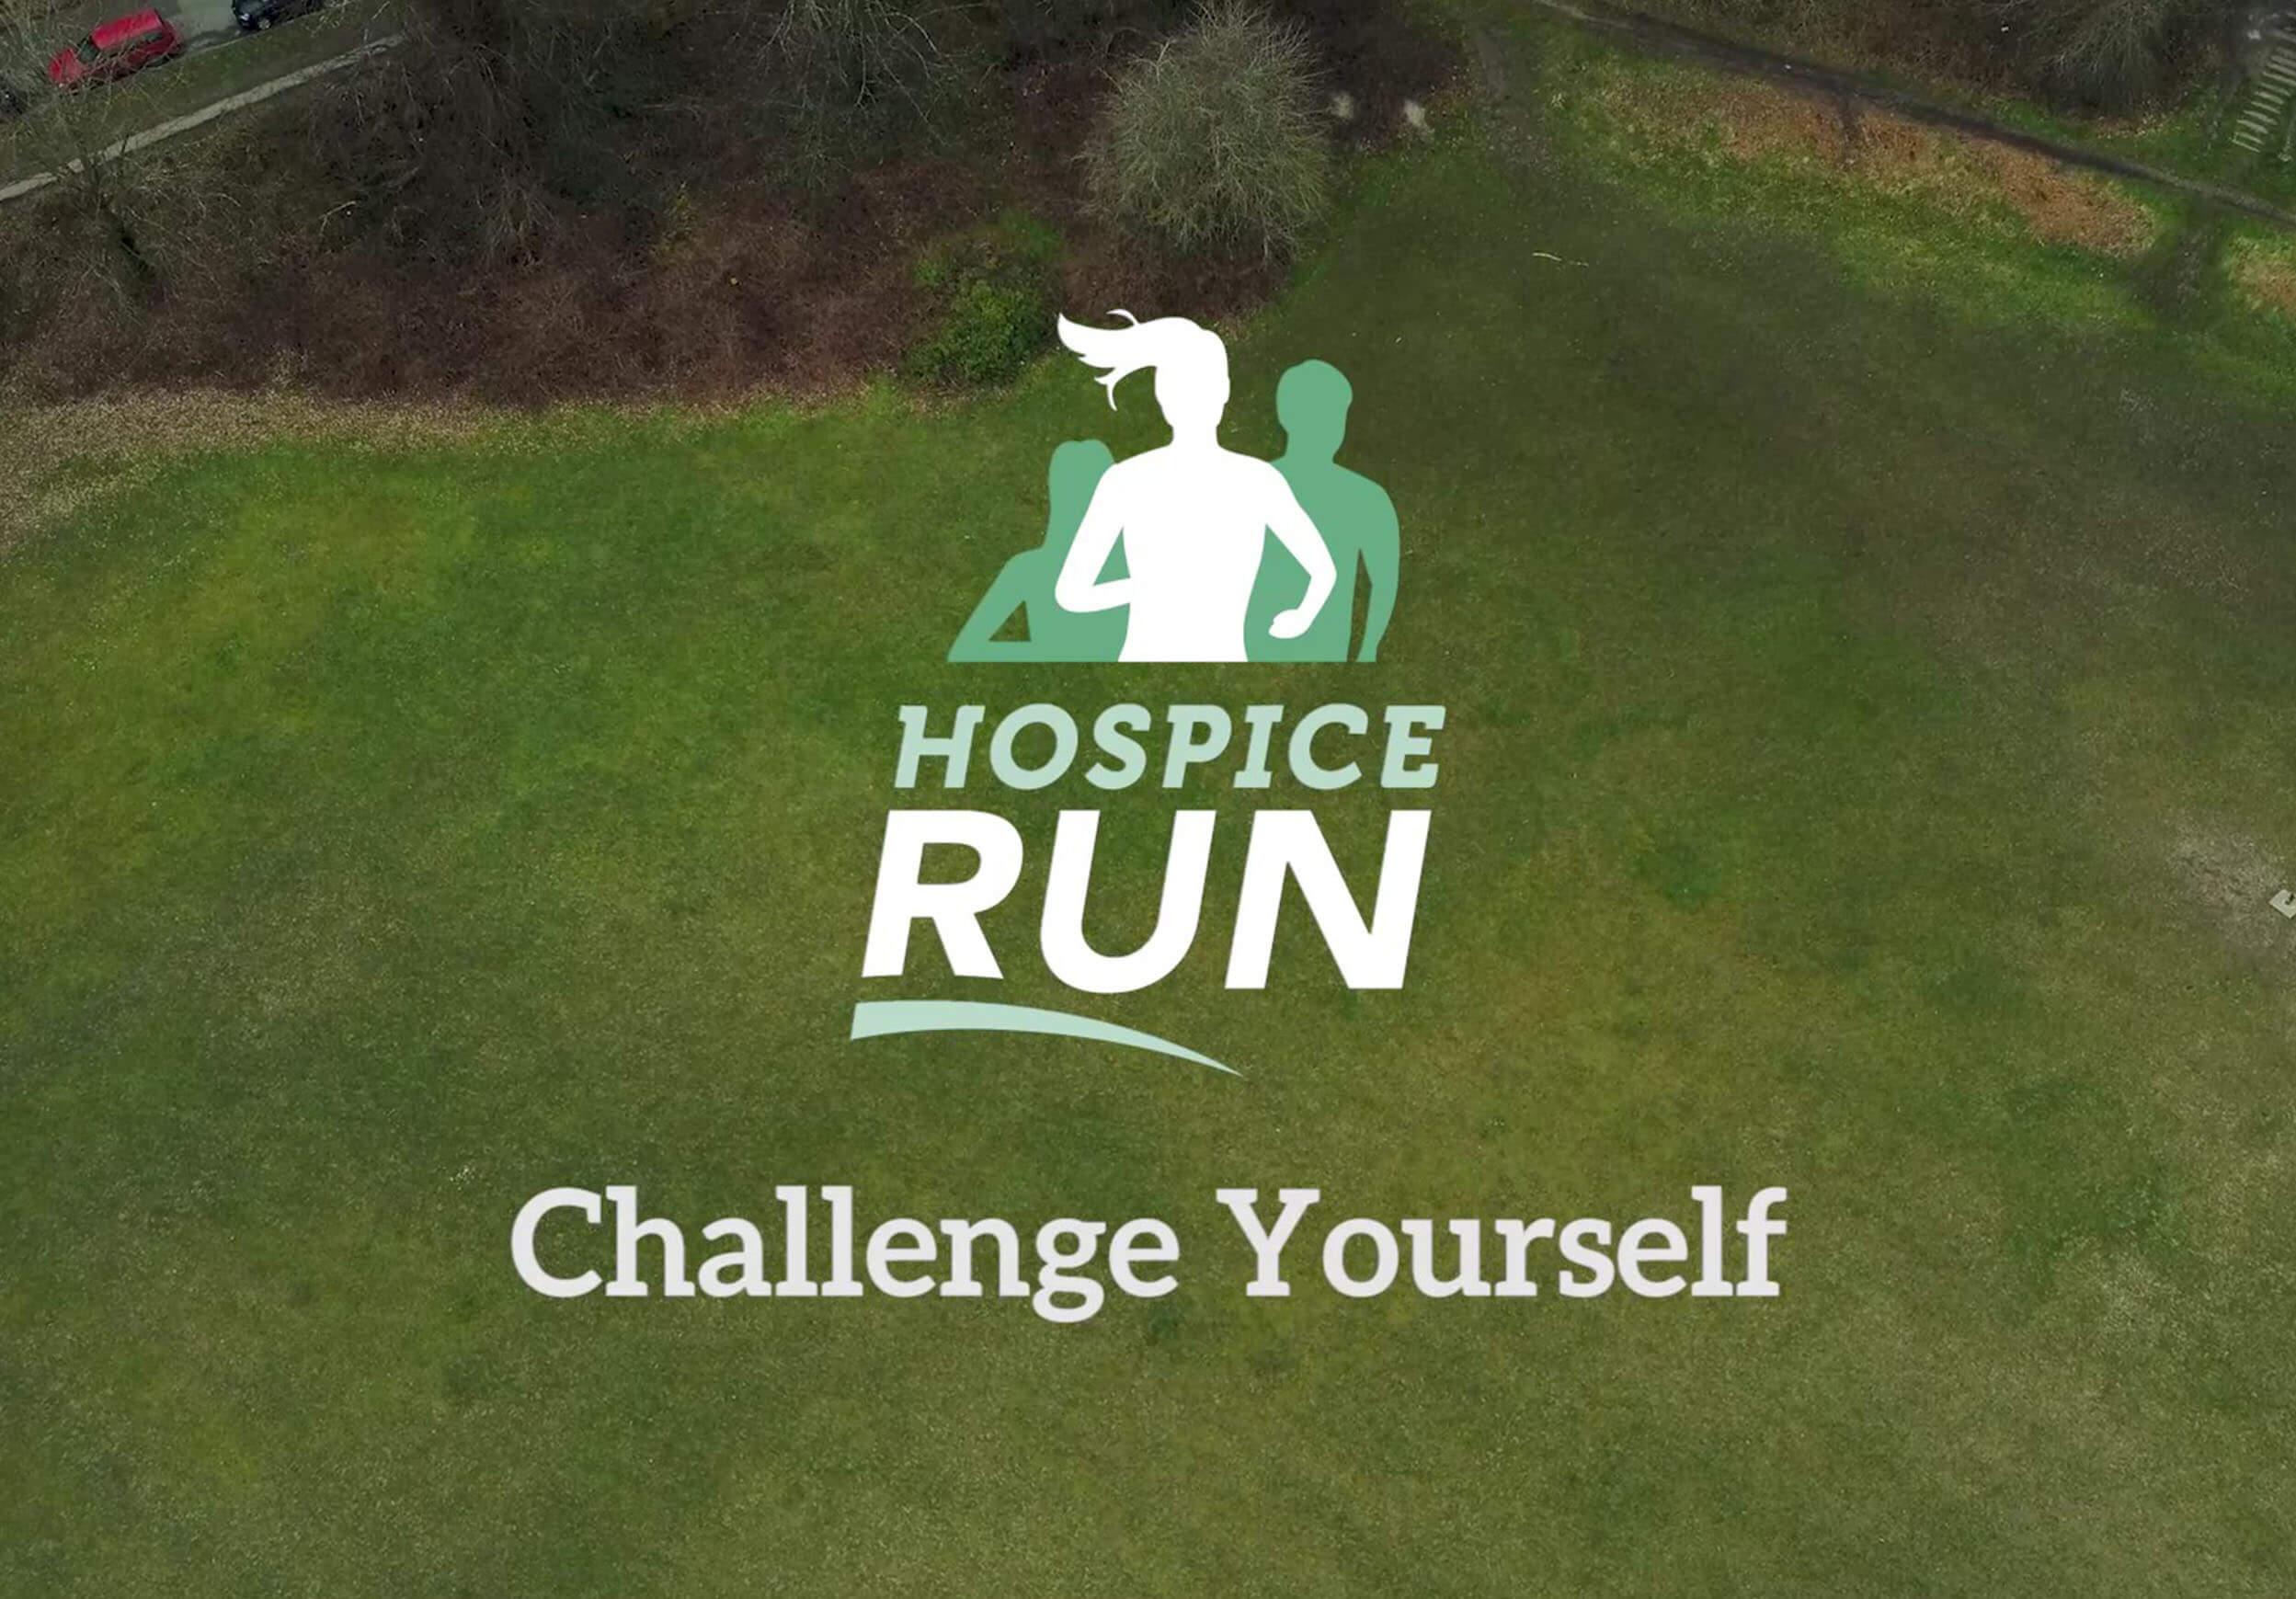 Hospice Run video still